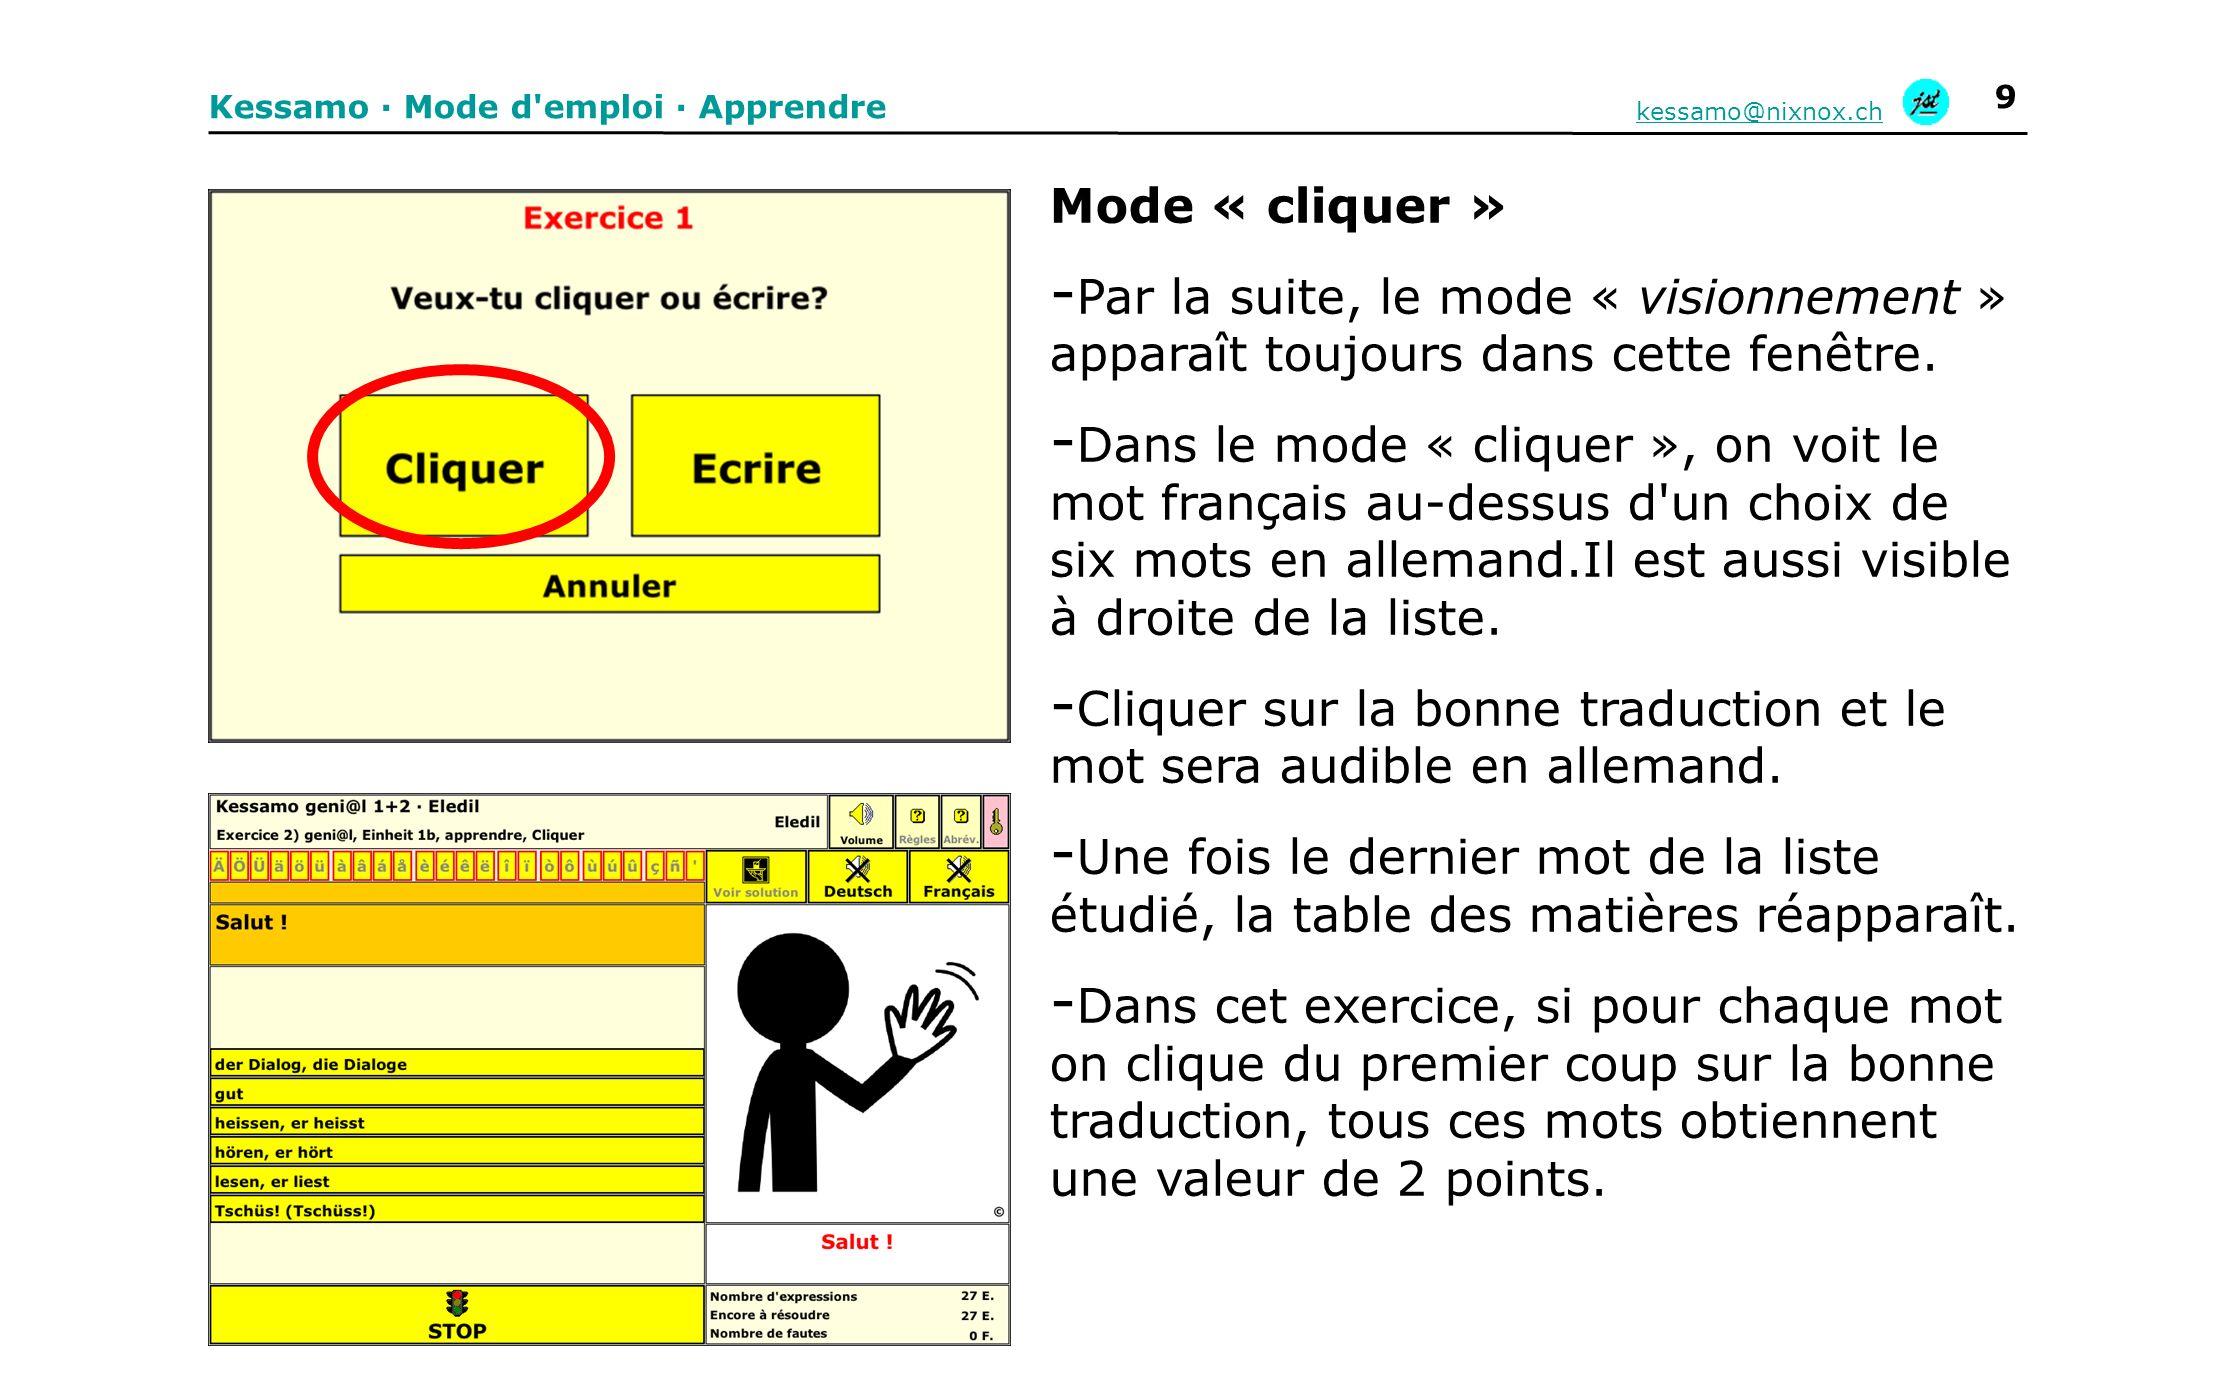 Kessamo · Mode d emploi · Apprendre kessamo@nixnox.ch 10 Mode «copier» - En haut, se trouve le mot français; en dessous : un choix de six mots.